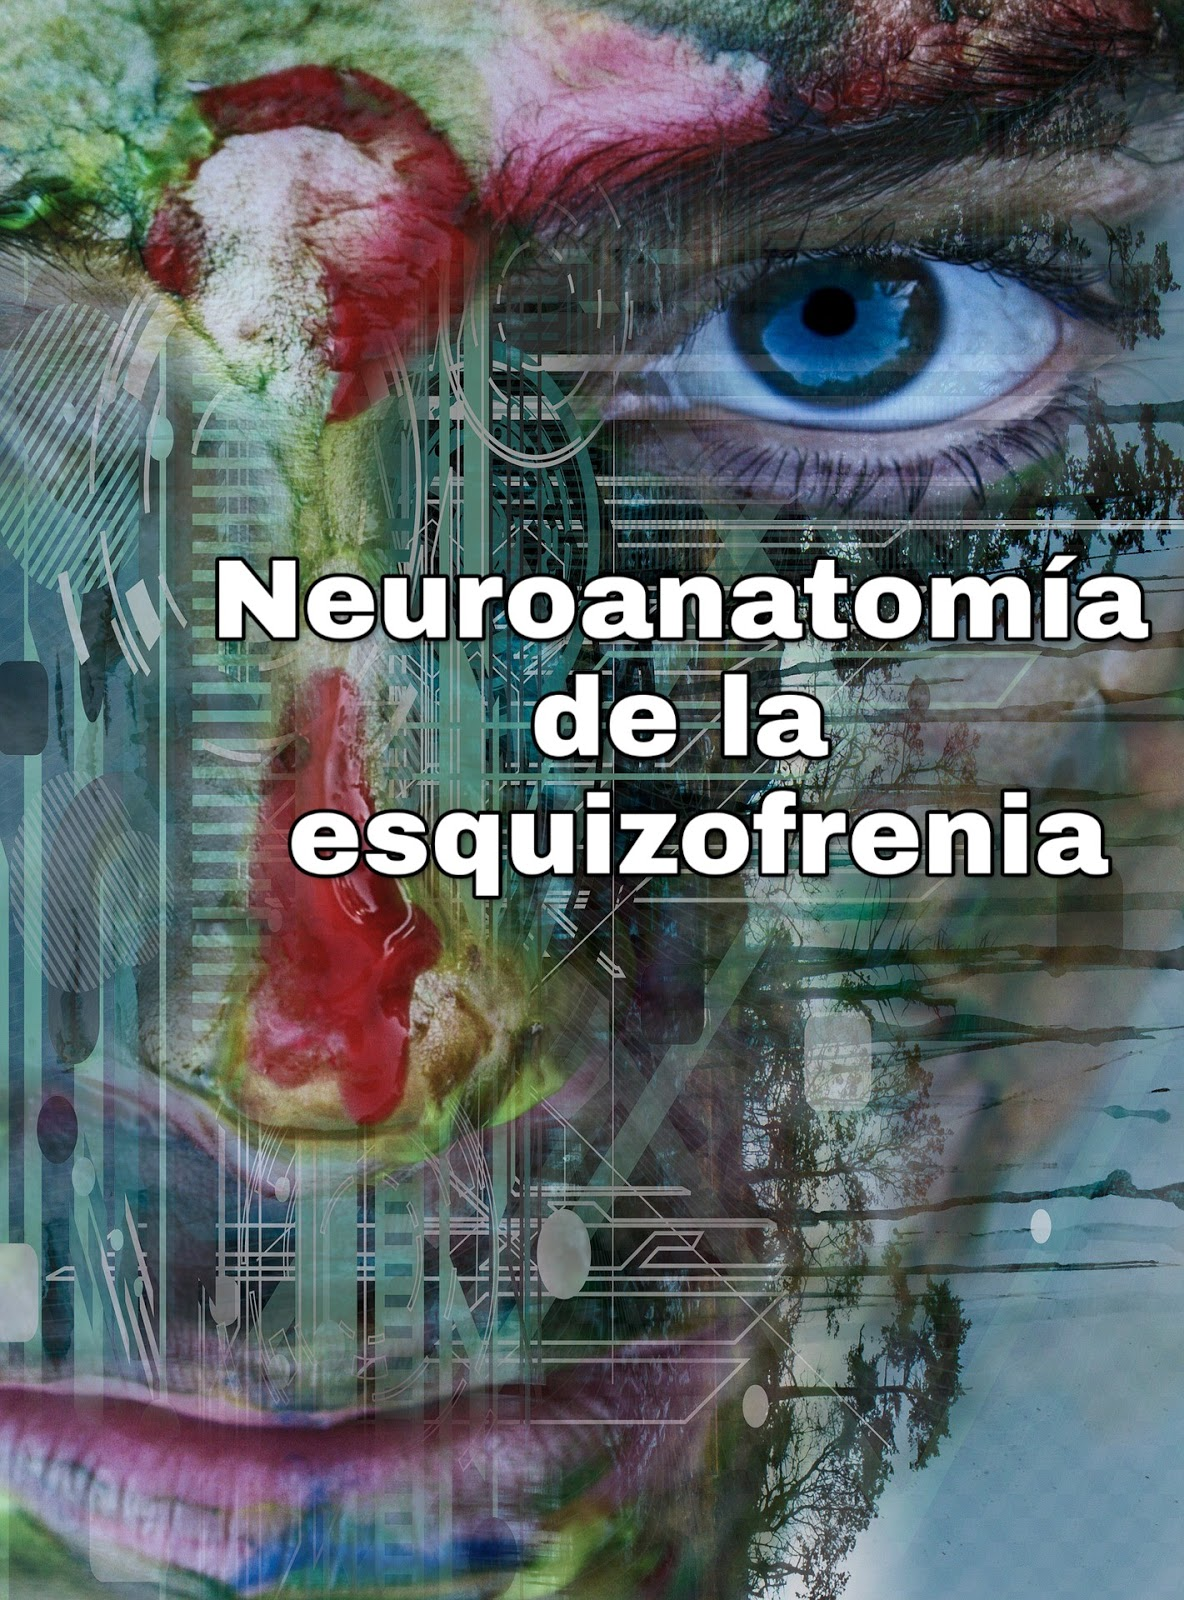 Libro: Neuropsicología de la esquizofrenia.